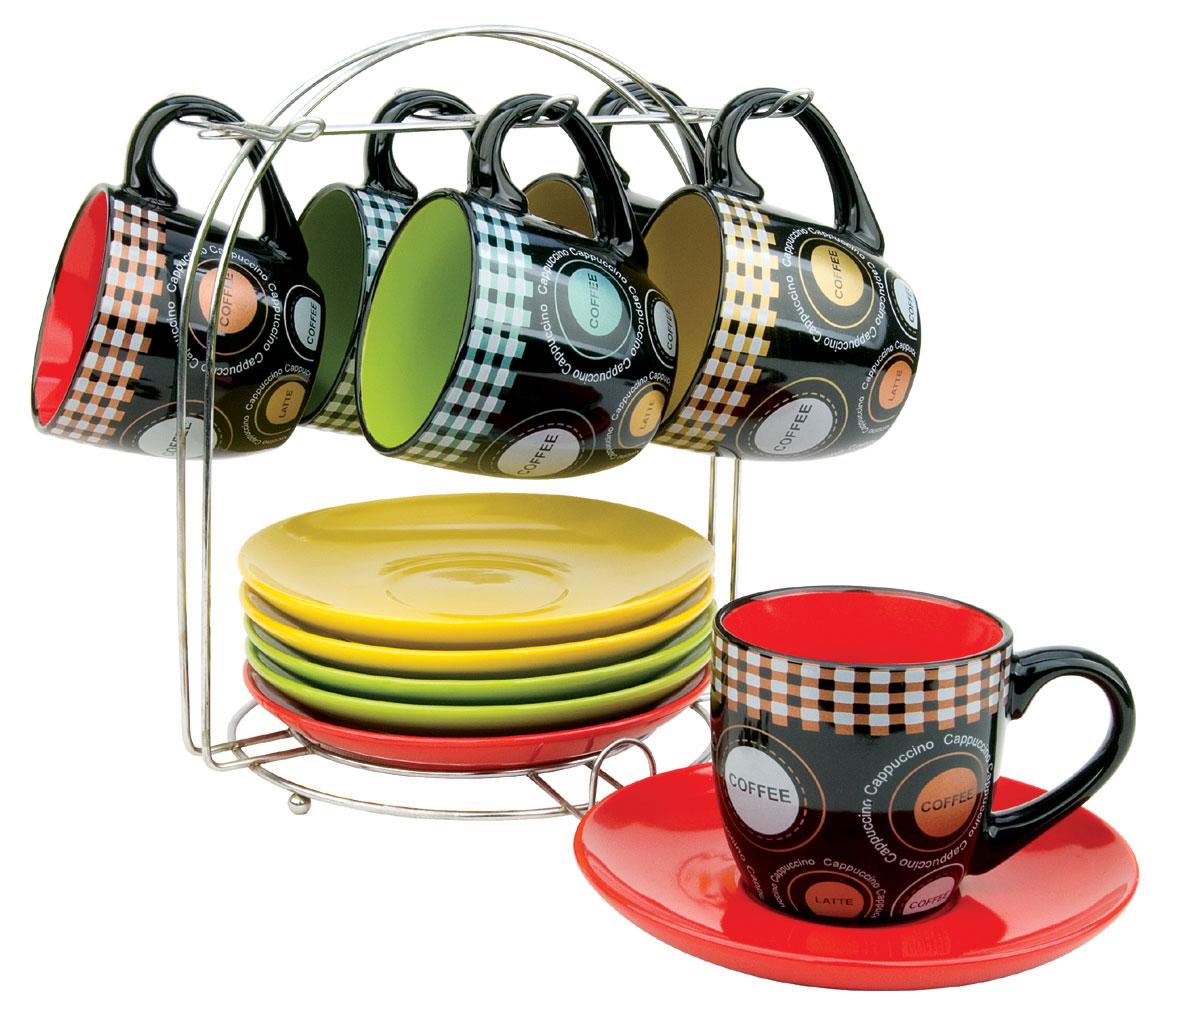 Набор чайный Bekker, 13 предметов. BK-5998BK-5998Чайный набор Bekker состоит из шести чашек и шести блюдец. Предметы набора изготовлены из высококачественной жаропрочной керамики без примесей кадмия и свинца. Глазурованная поверхность облегчает чистку. Внешние стенки чашек оформлены красочным орнаментом на черном фоне; внутренняя поверхность чашек цветная. Блюдца круглой формы однотонные. В комплекте - металлическая хромированная подставка с шестью крючками для подвешивания чашек и подставкой для блюдец. Чайный набор яркого и в тоже время лаконичного дизайна украсит интерьер кухни и сделает ежедневное чаепитие настоящим праздником. Подходит для мытья в посудомоечной машине.